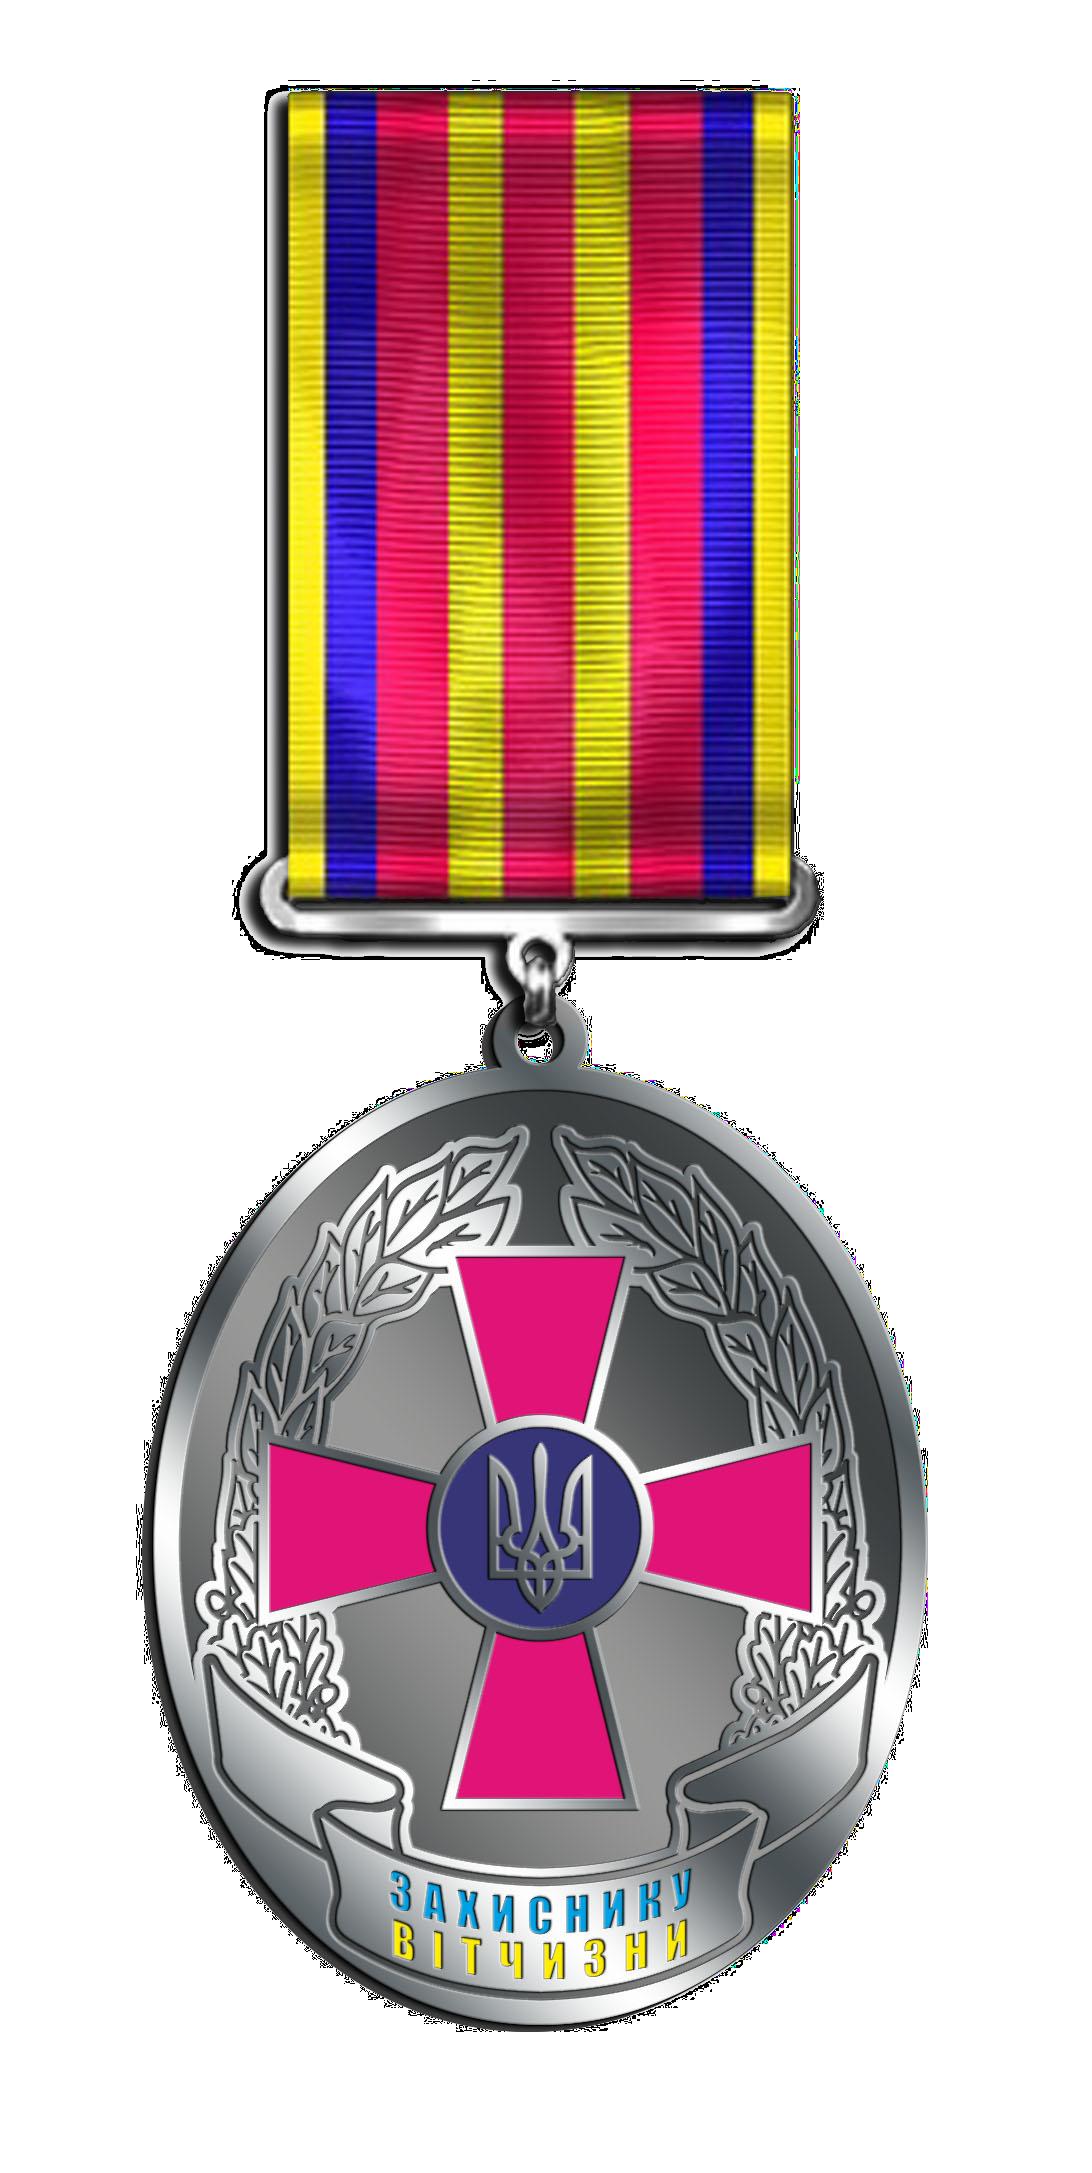 Наградные медали заказать Киев